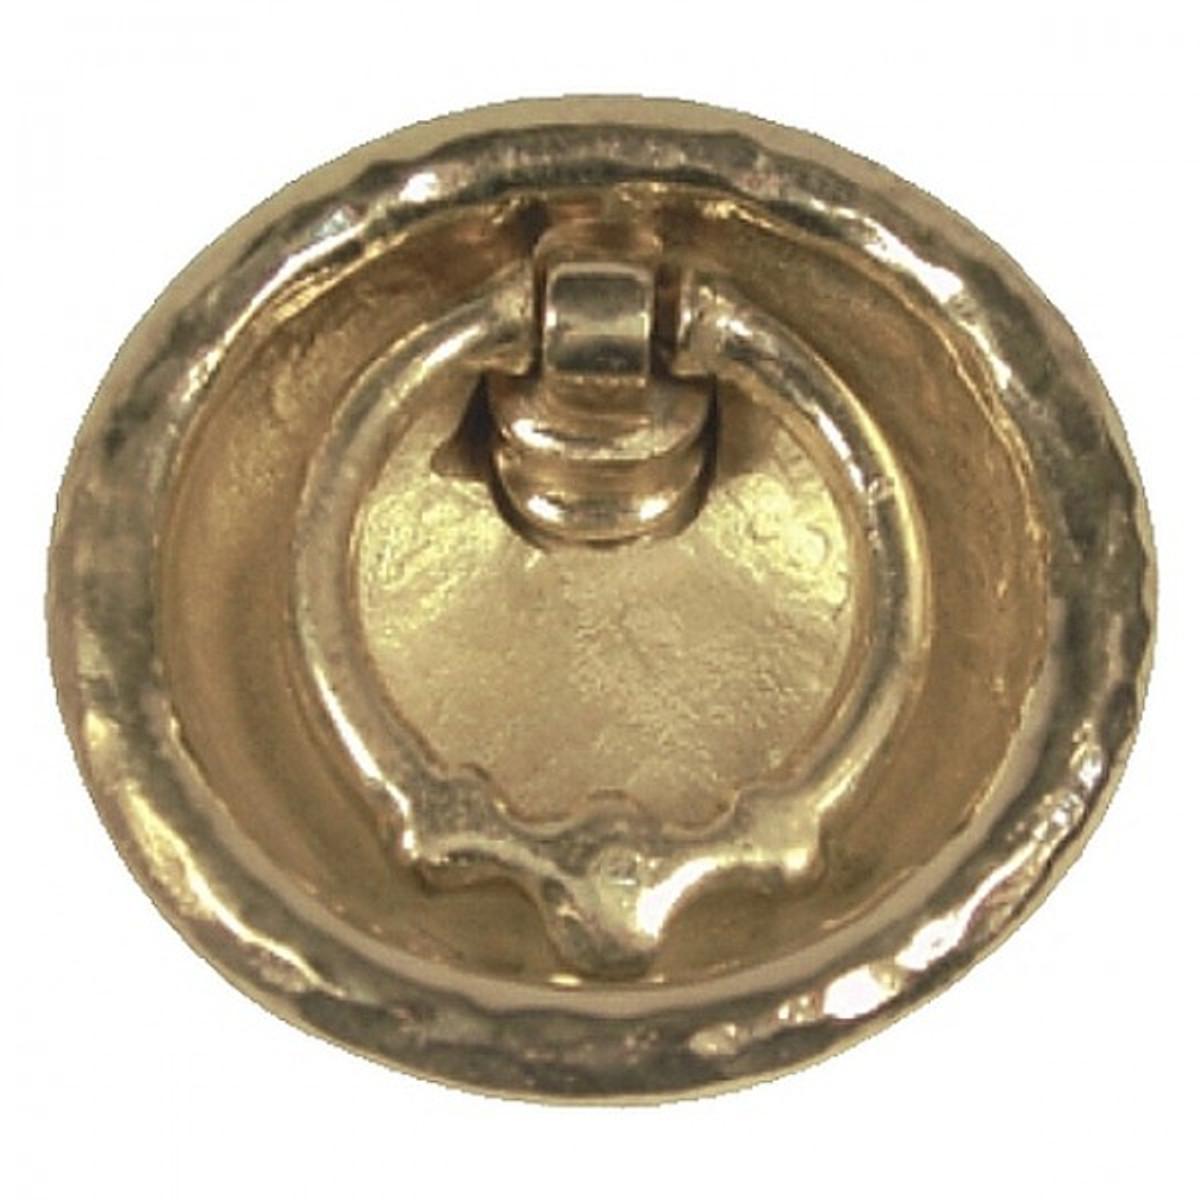 Griffmulden für Schiebetüren Messing Griff Schiebetürmuschel im antiken Design als Beschlag für eine Schiebetür.